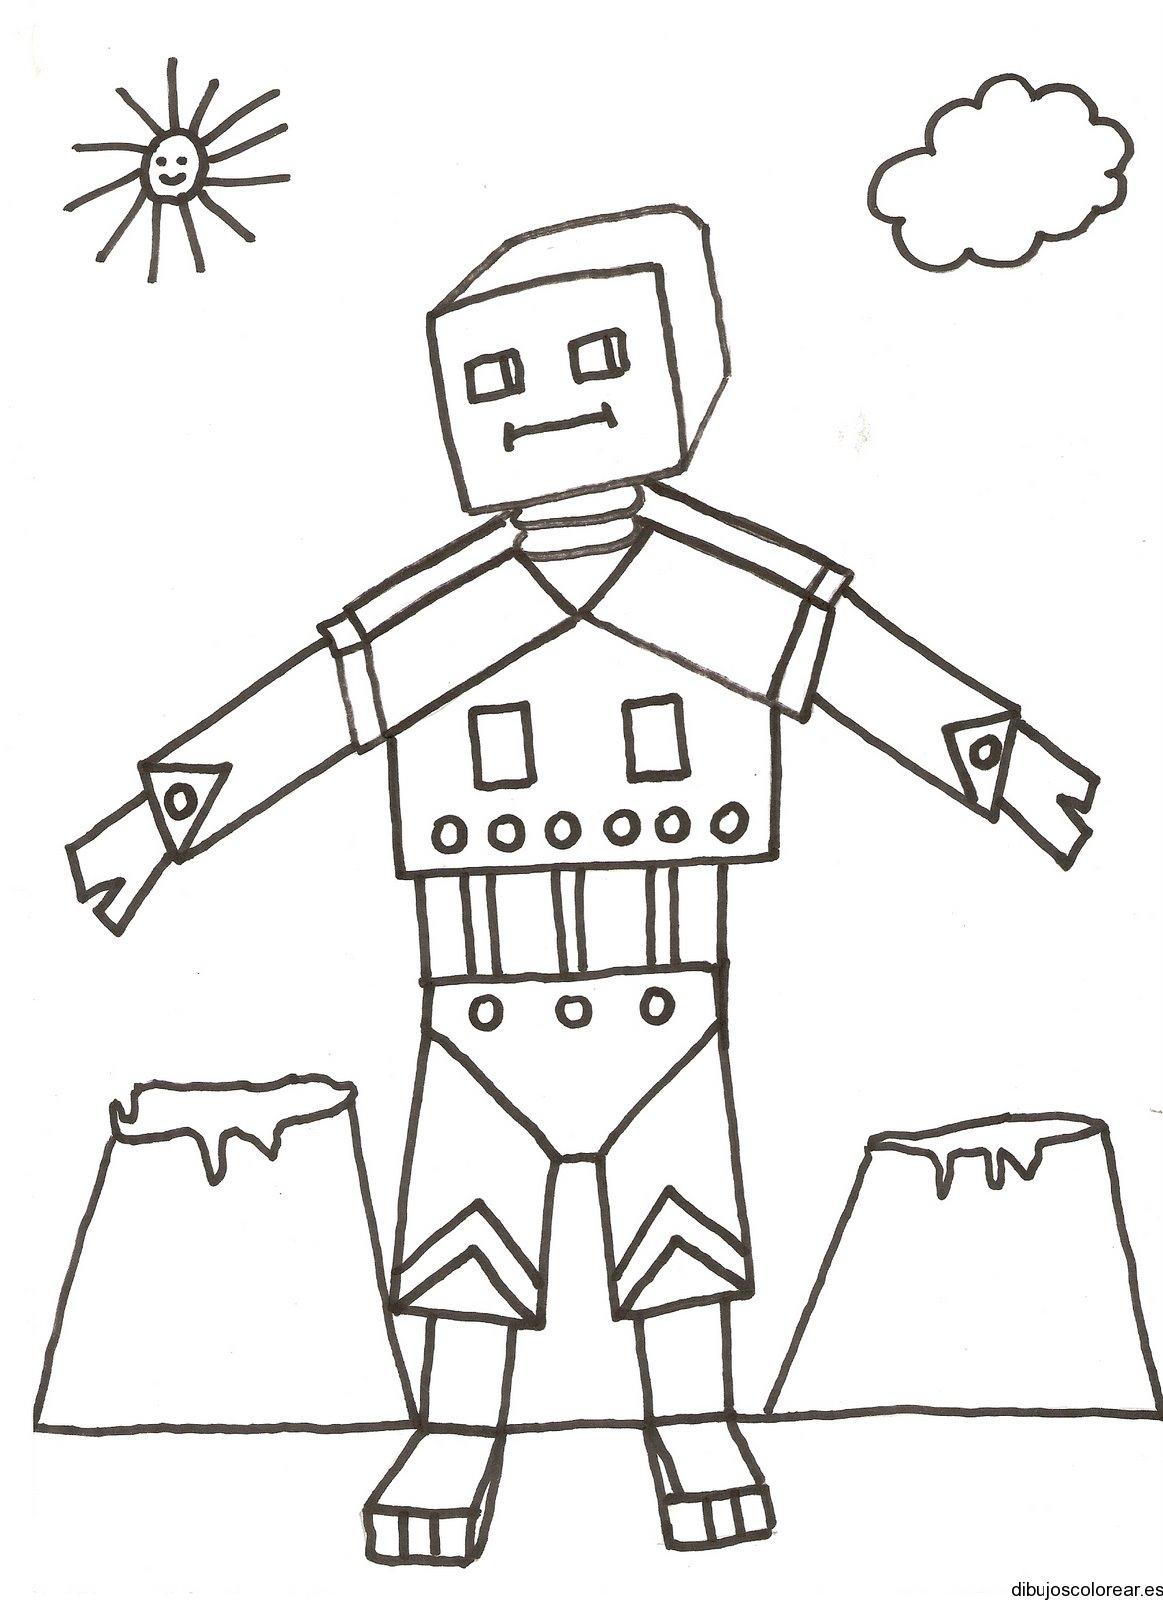 Dibujo de un robot con brazos extendidos